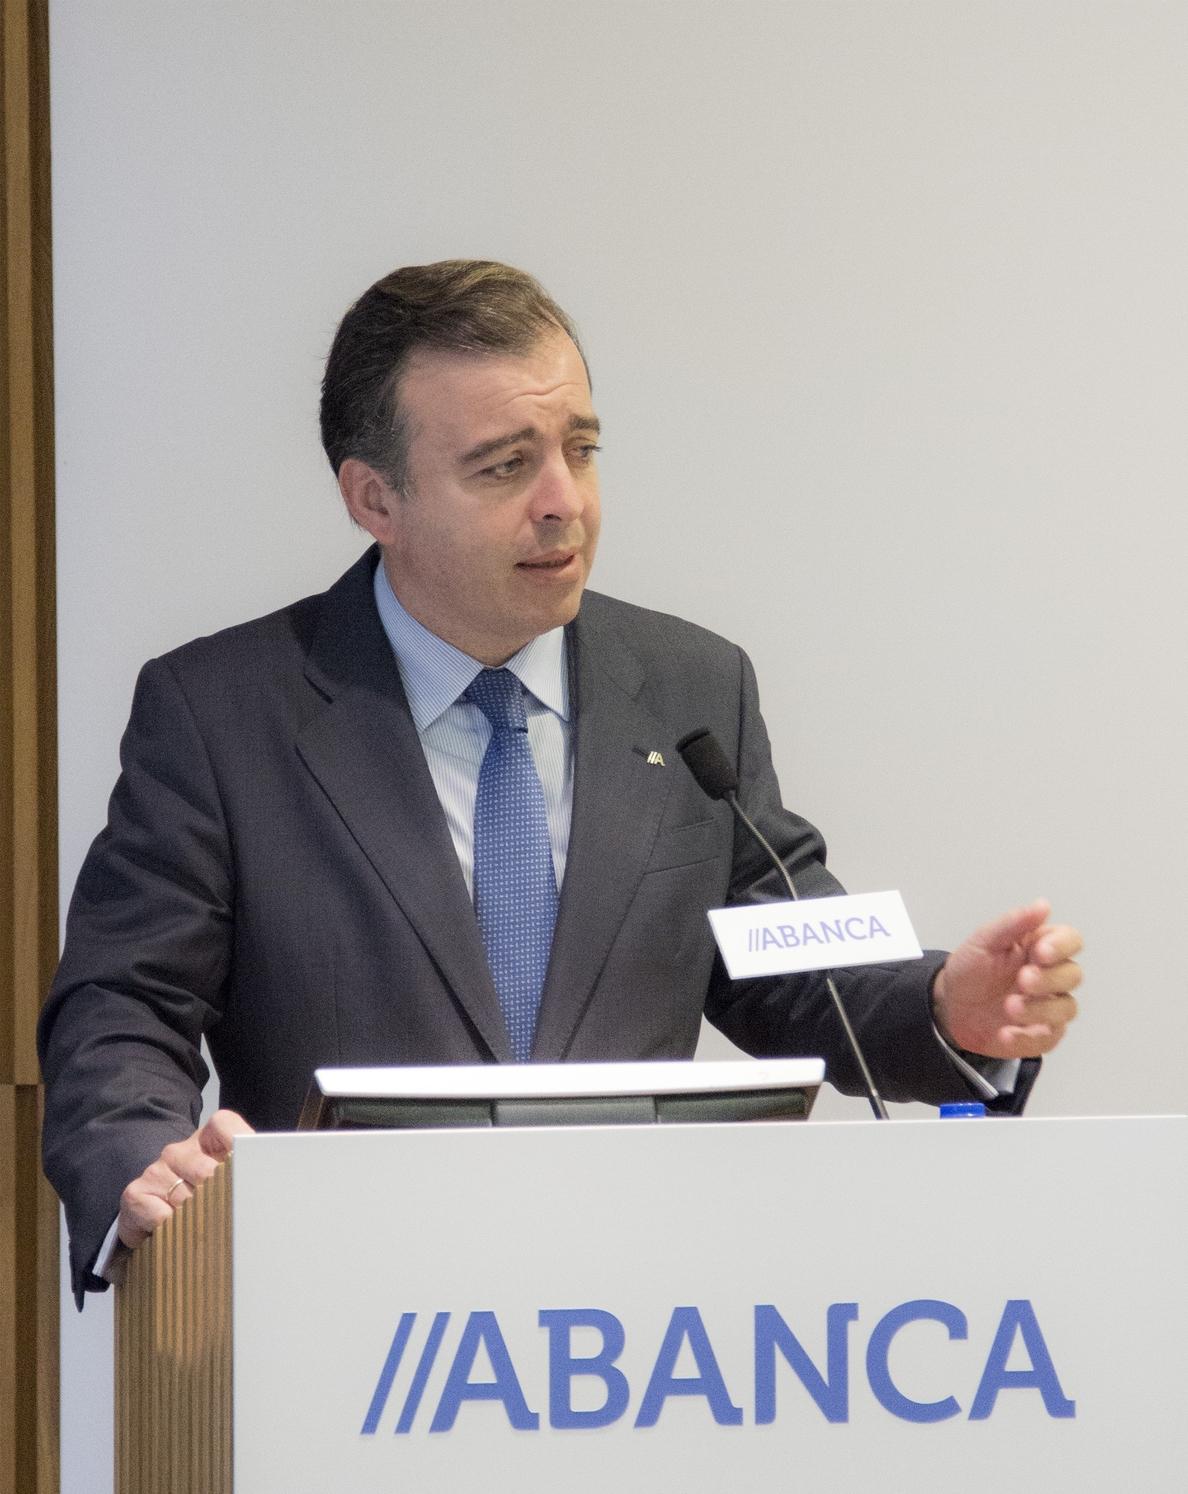 (Amp.) Abanca logra un beneficio bruto de 244 millones hasta junio y no prevé adelantar pagos al FROB